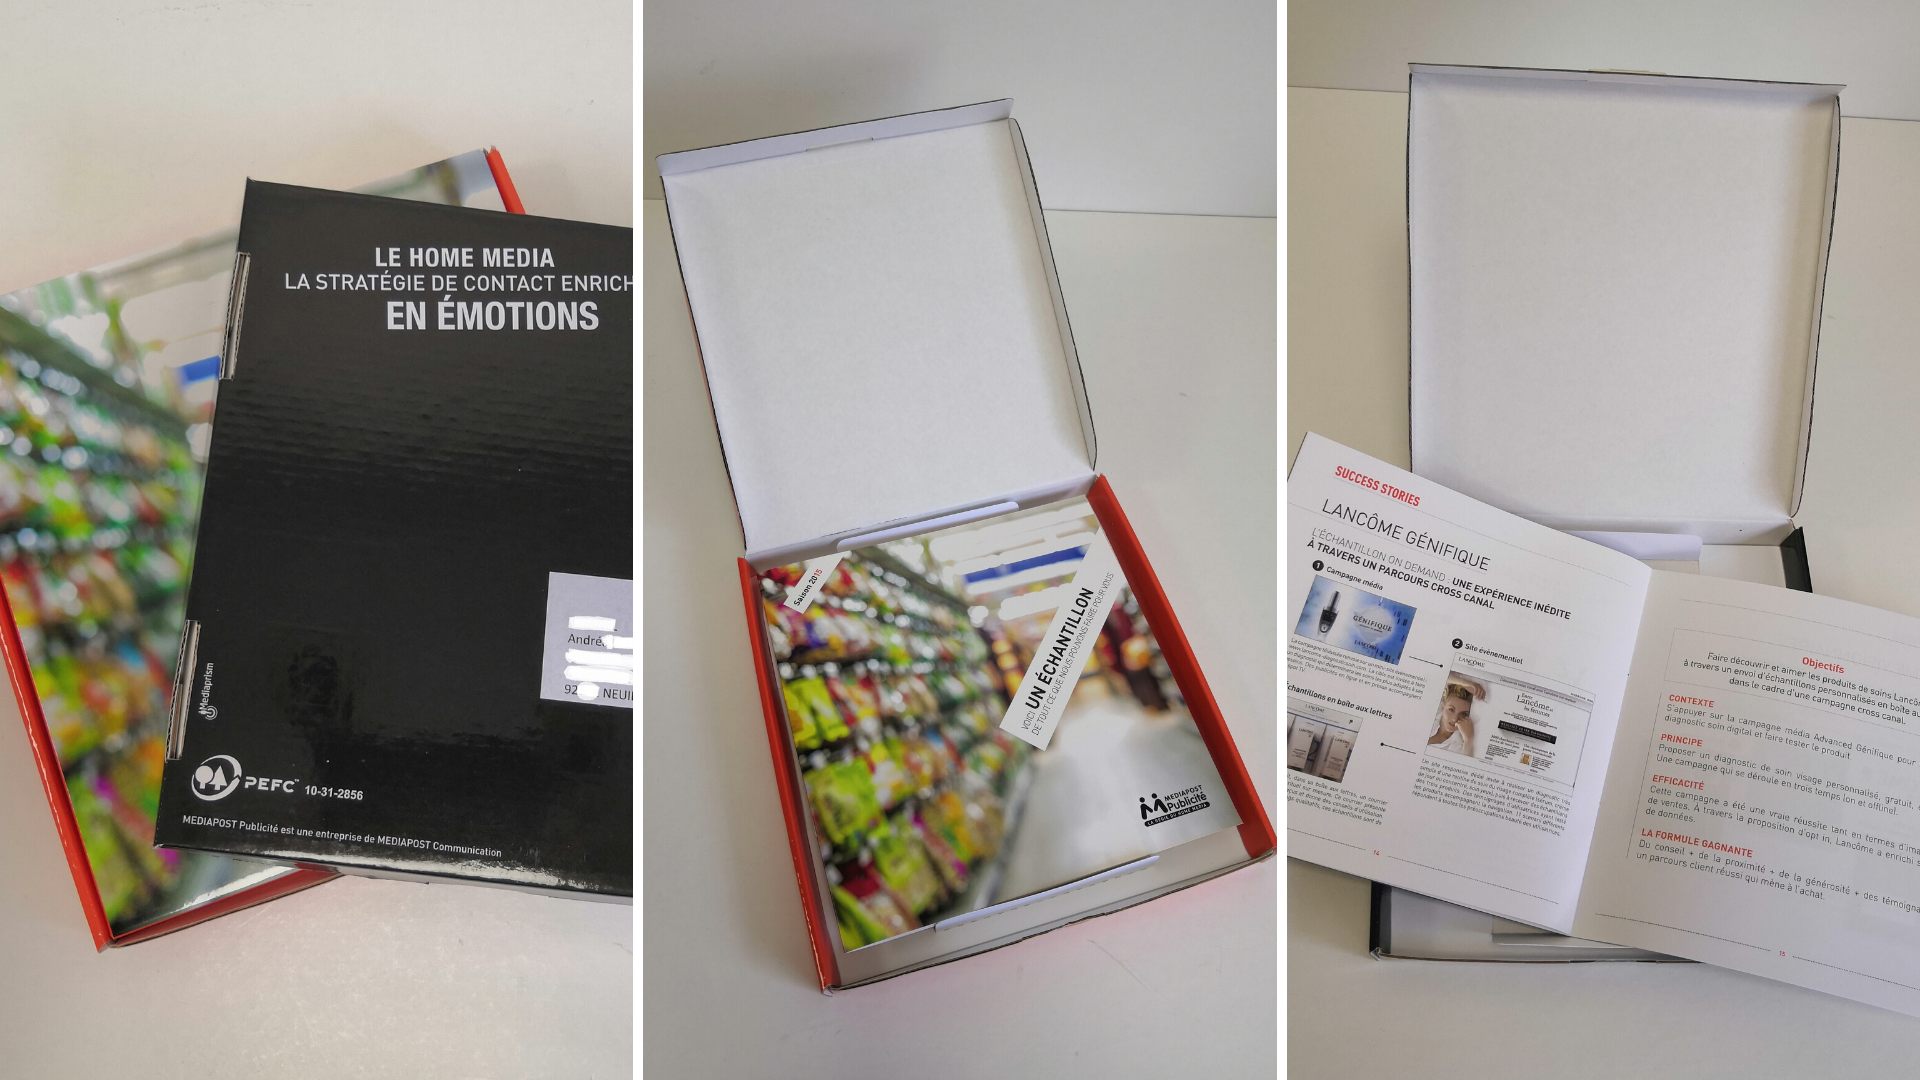 Fabrication de coffret carton contenant des goodies et imprimés. Affranchissement et dépôt poste pour le compte de Médiapost publicité.